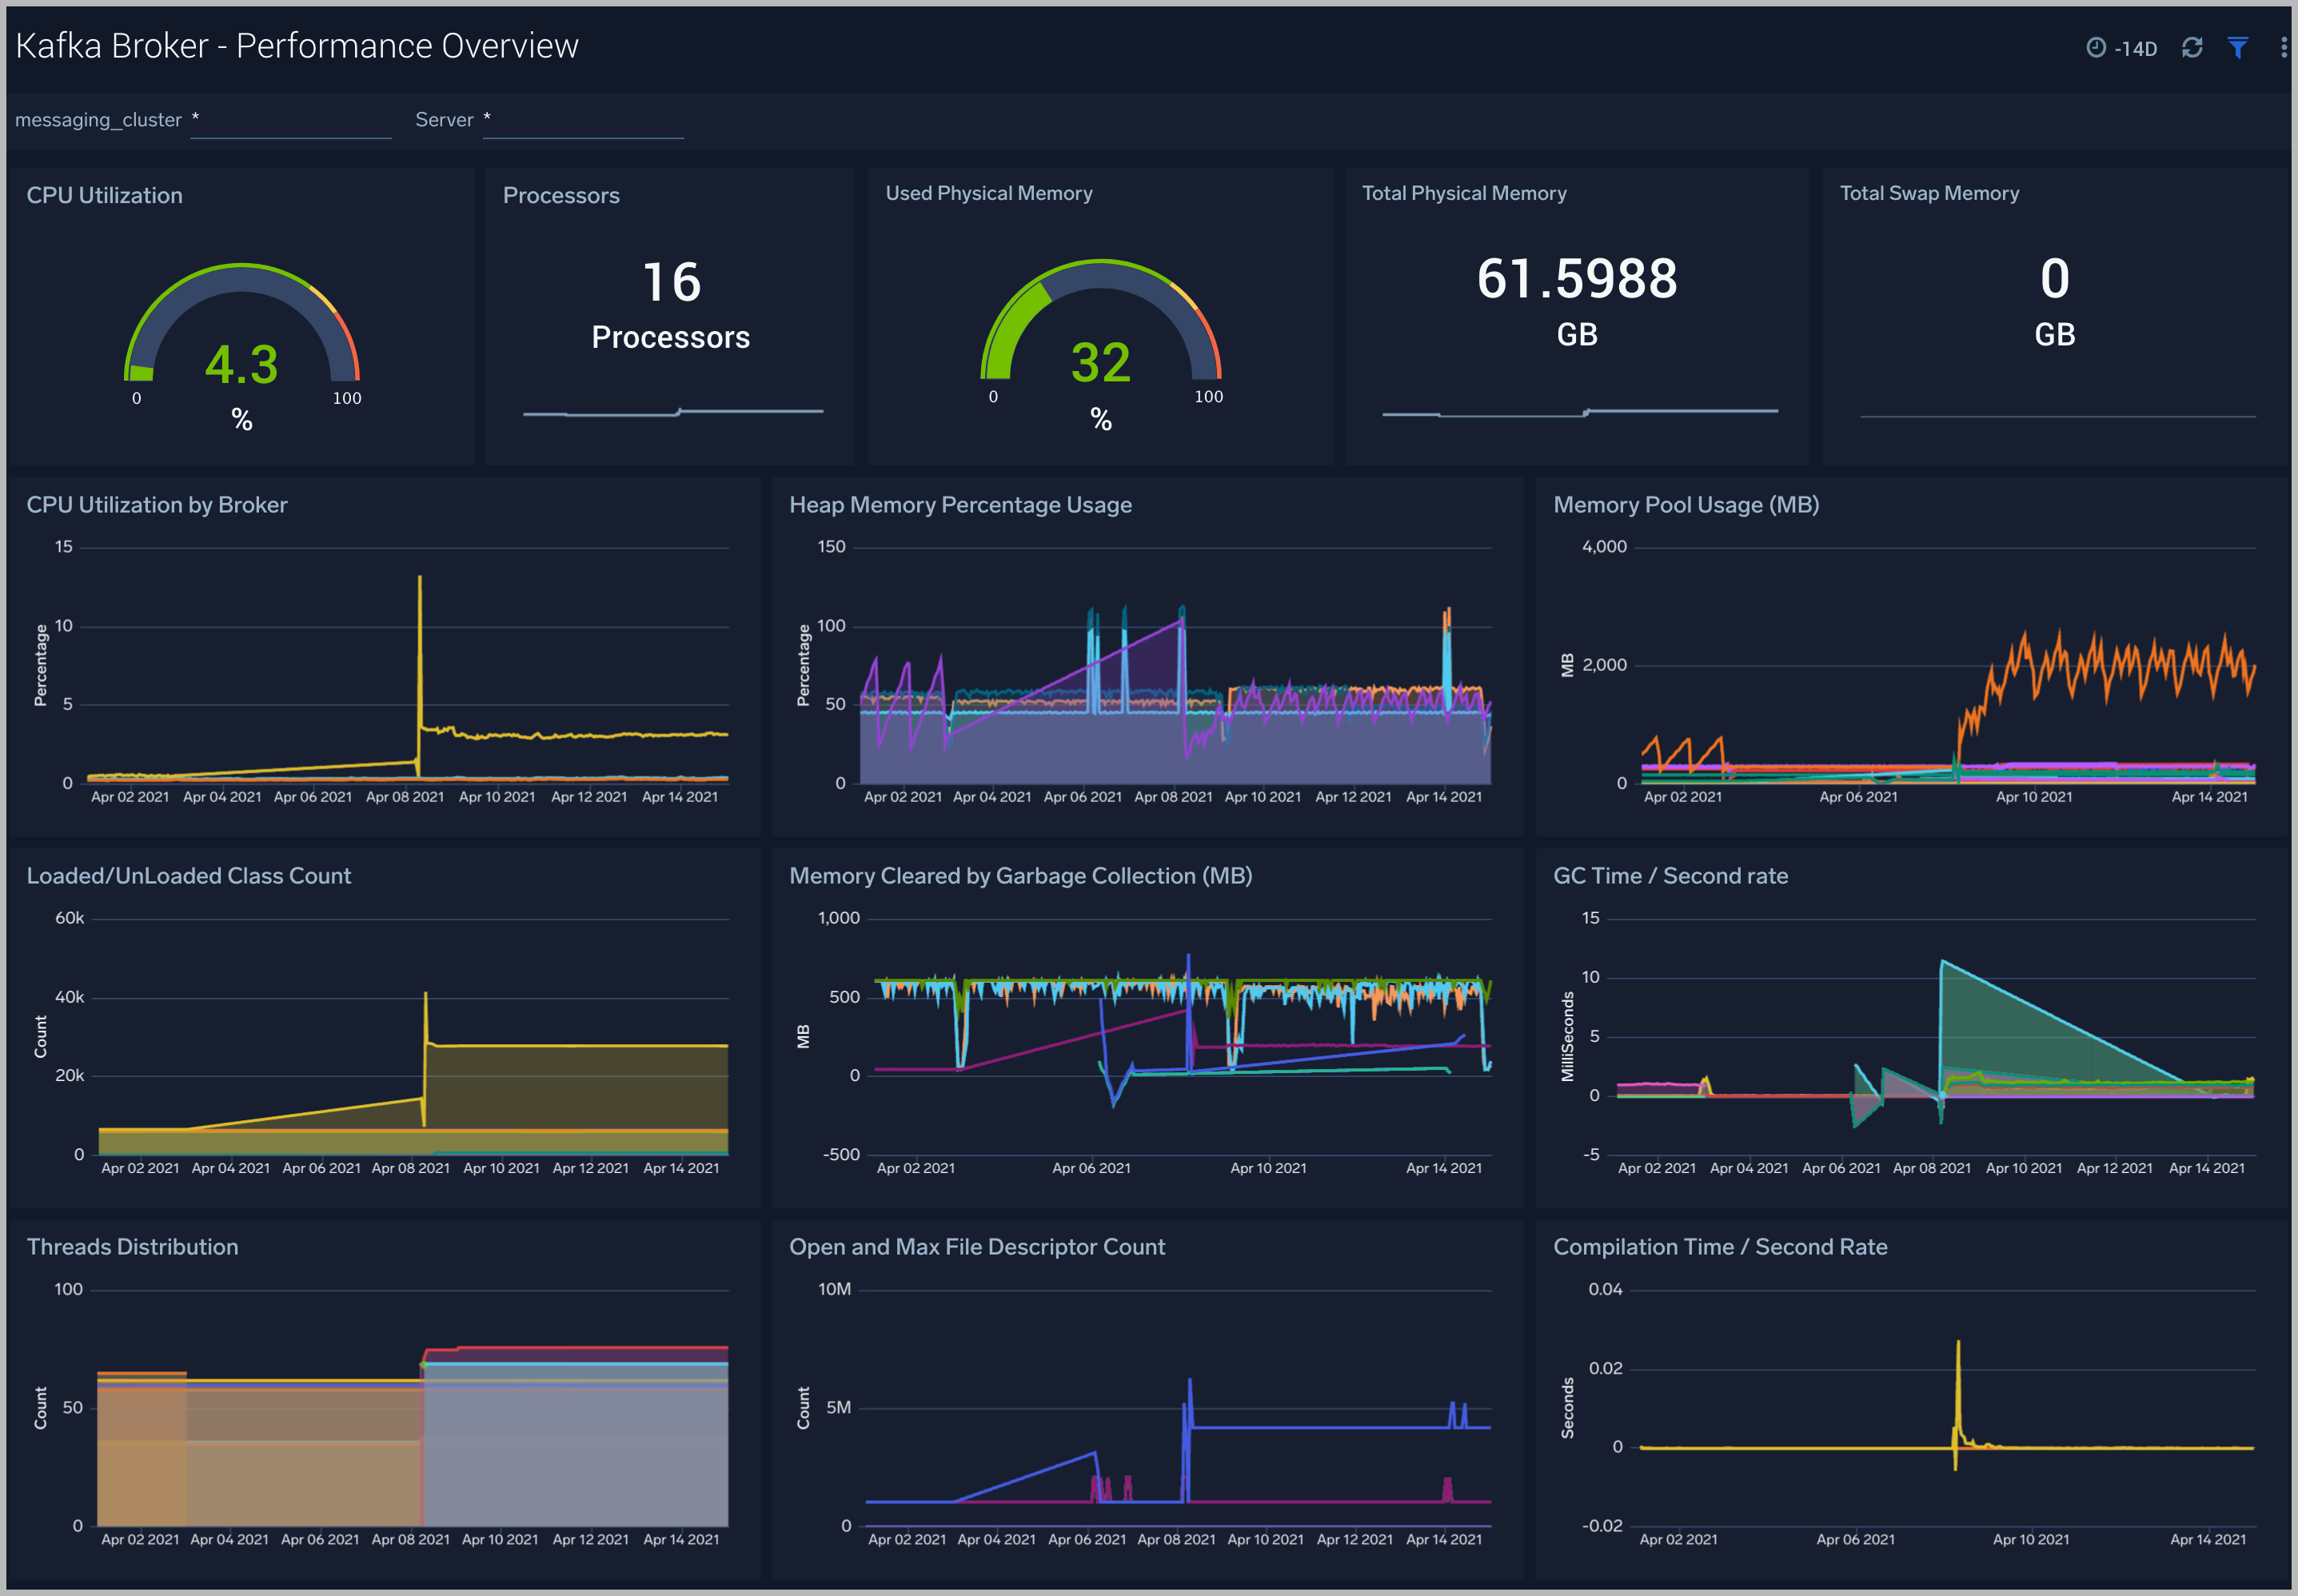 Kafka Broker Monitoring